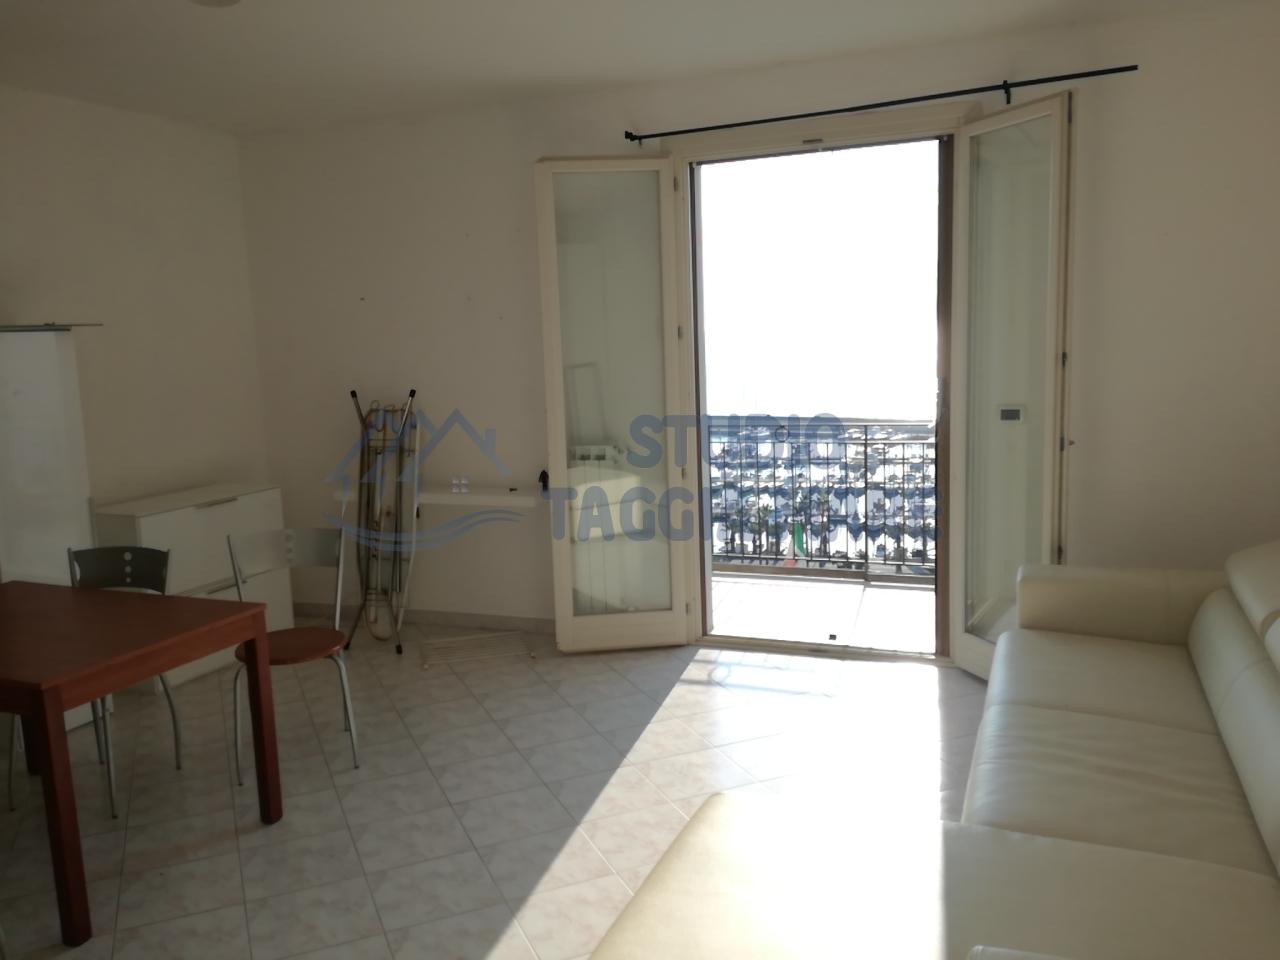 Appartamento in affitto a Santo Stefano al Mare, 1 locali, prezzo € 400 | Cambio Casa.it